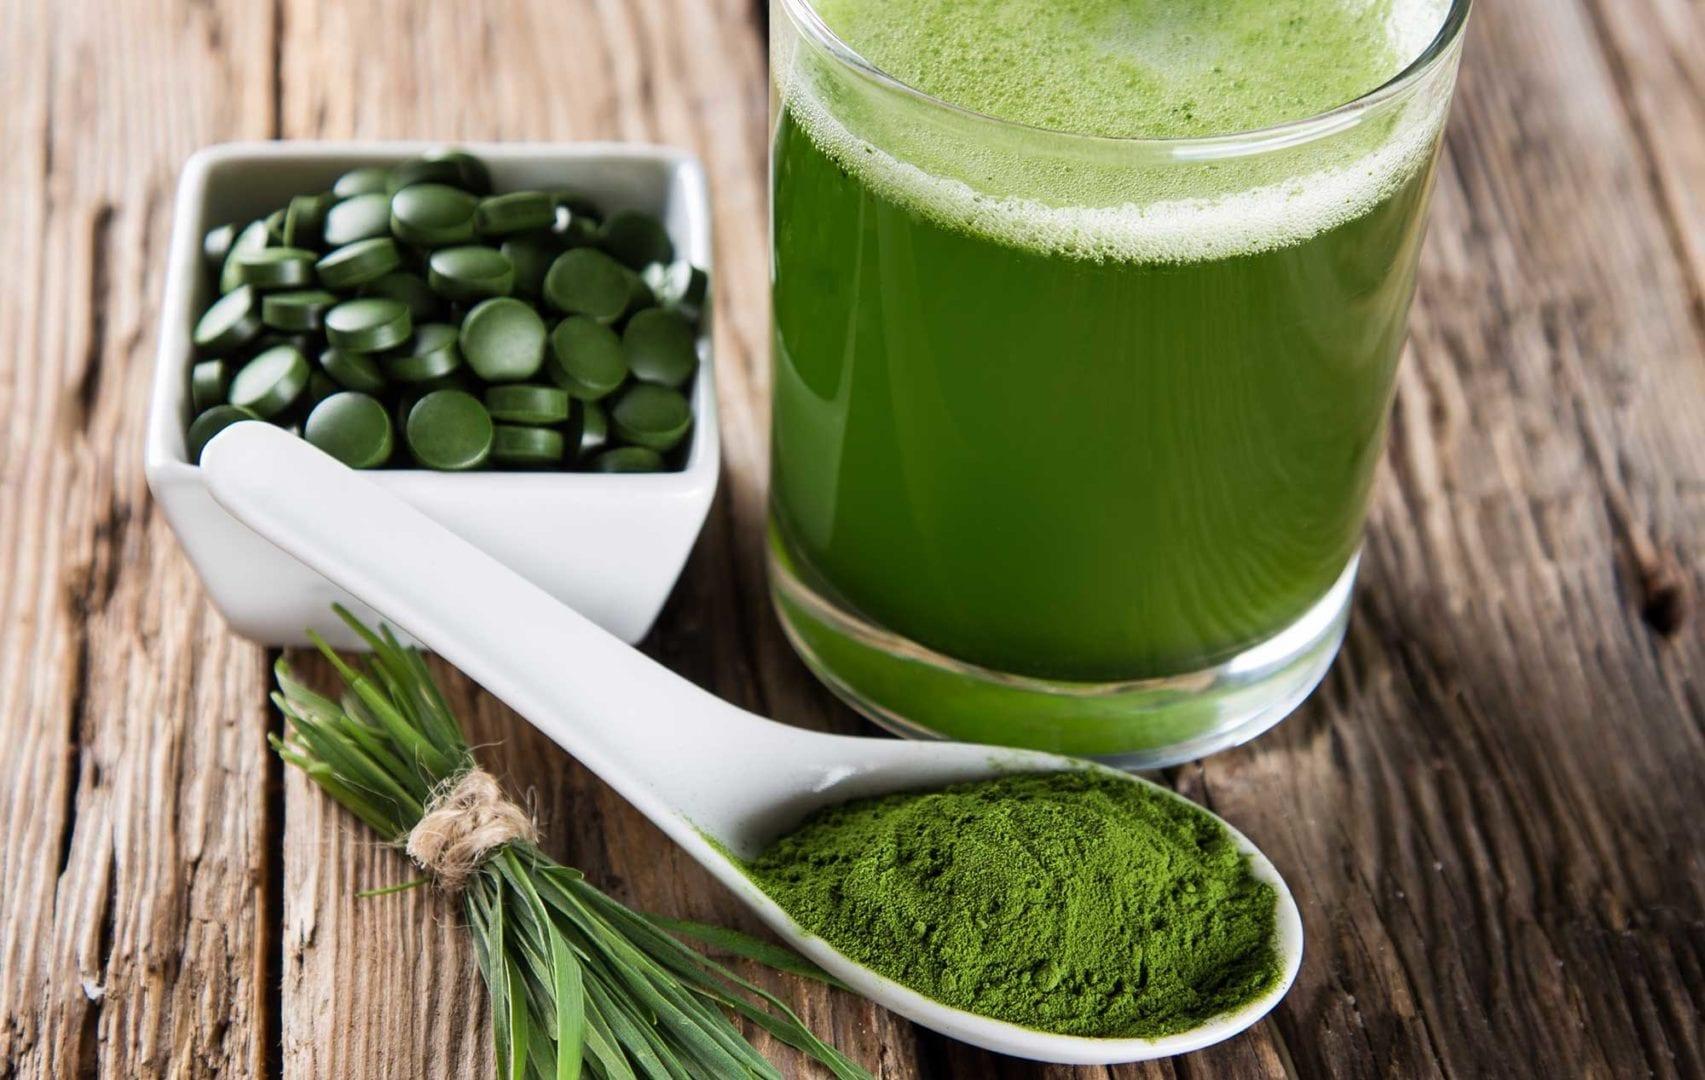 La spiruline, l'algue précieuse pour la beauté et la santé